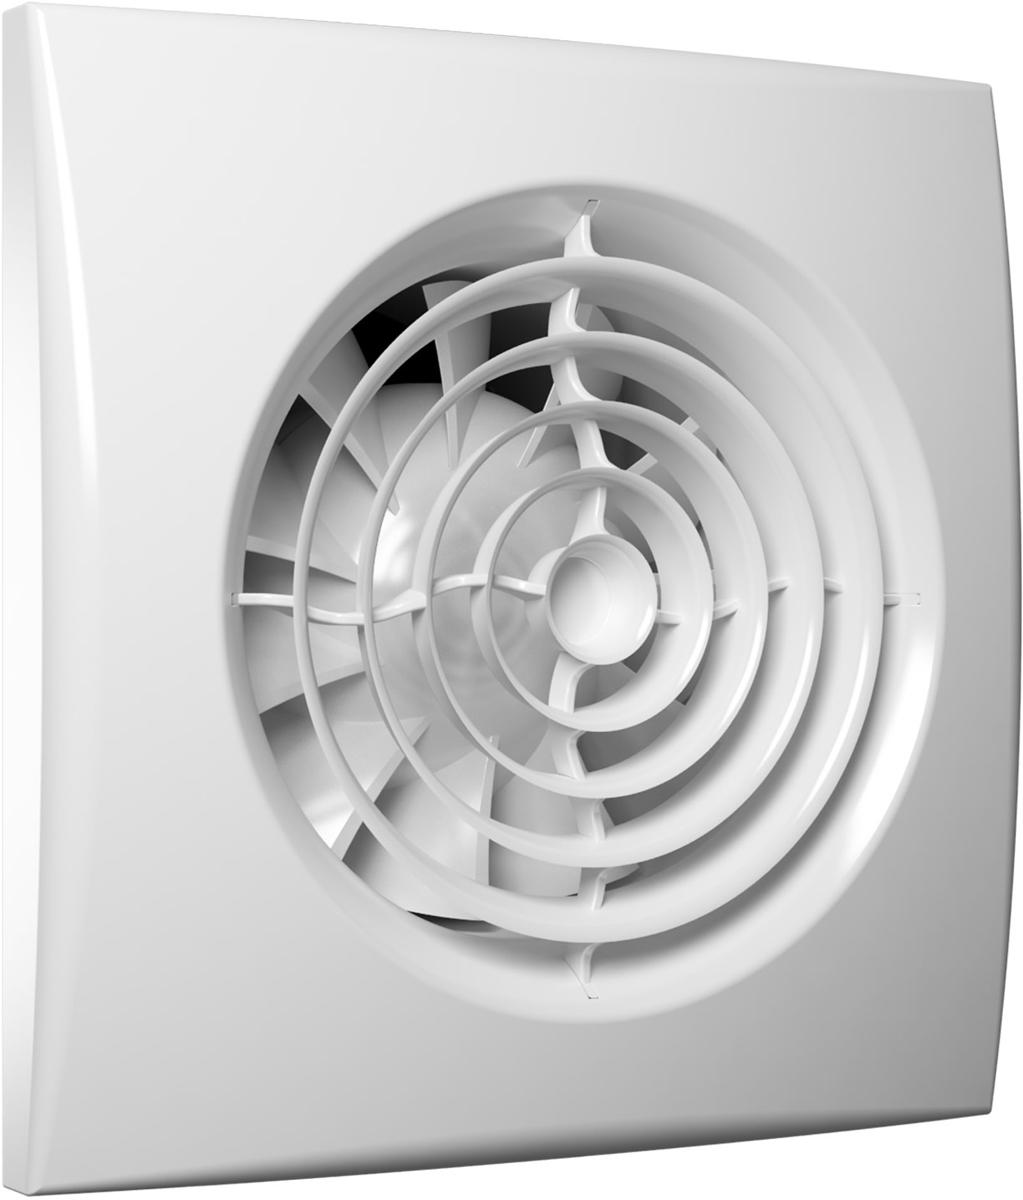 DiCiTi Aura 4C MRH вентилятор осевой вытяжнойAURA 4C MRHВентилятор серии AURA с диаметром фланца 100мм. AURA - бесшумные вентиляторы. Крыльчатка аэродинамической формы обеспечивает вентилятору высокую производительность и низкий уровень шума. Оснащен двигателем на шарикоподшипниках с увеличенным сроком службы (до 40 000 рабочих часов), защитой от перегрева и пониженным энергопотреблением. Корпус дополнительно оборудован резиновыми вставками, обеспечивающими высокий уровень защиты электронных компонентов вентилятора от воды и пыли, имеет IP25. Электронные компоненты выполнены по бессвинцовой технологии. Классического белого цвета. Вентилятор оснащен защитой от обратной тяги. Оснащен дополнительной опцией. Мультирежимный контроллер Fusion Logic 1.1, отвечающий за режимы и время работы вентилятора в вентилируемом помещении.